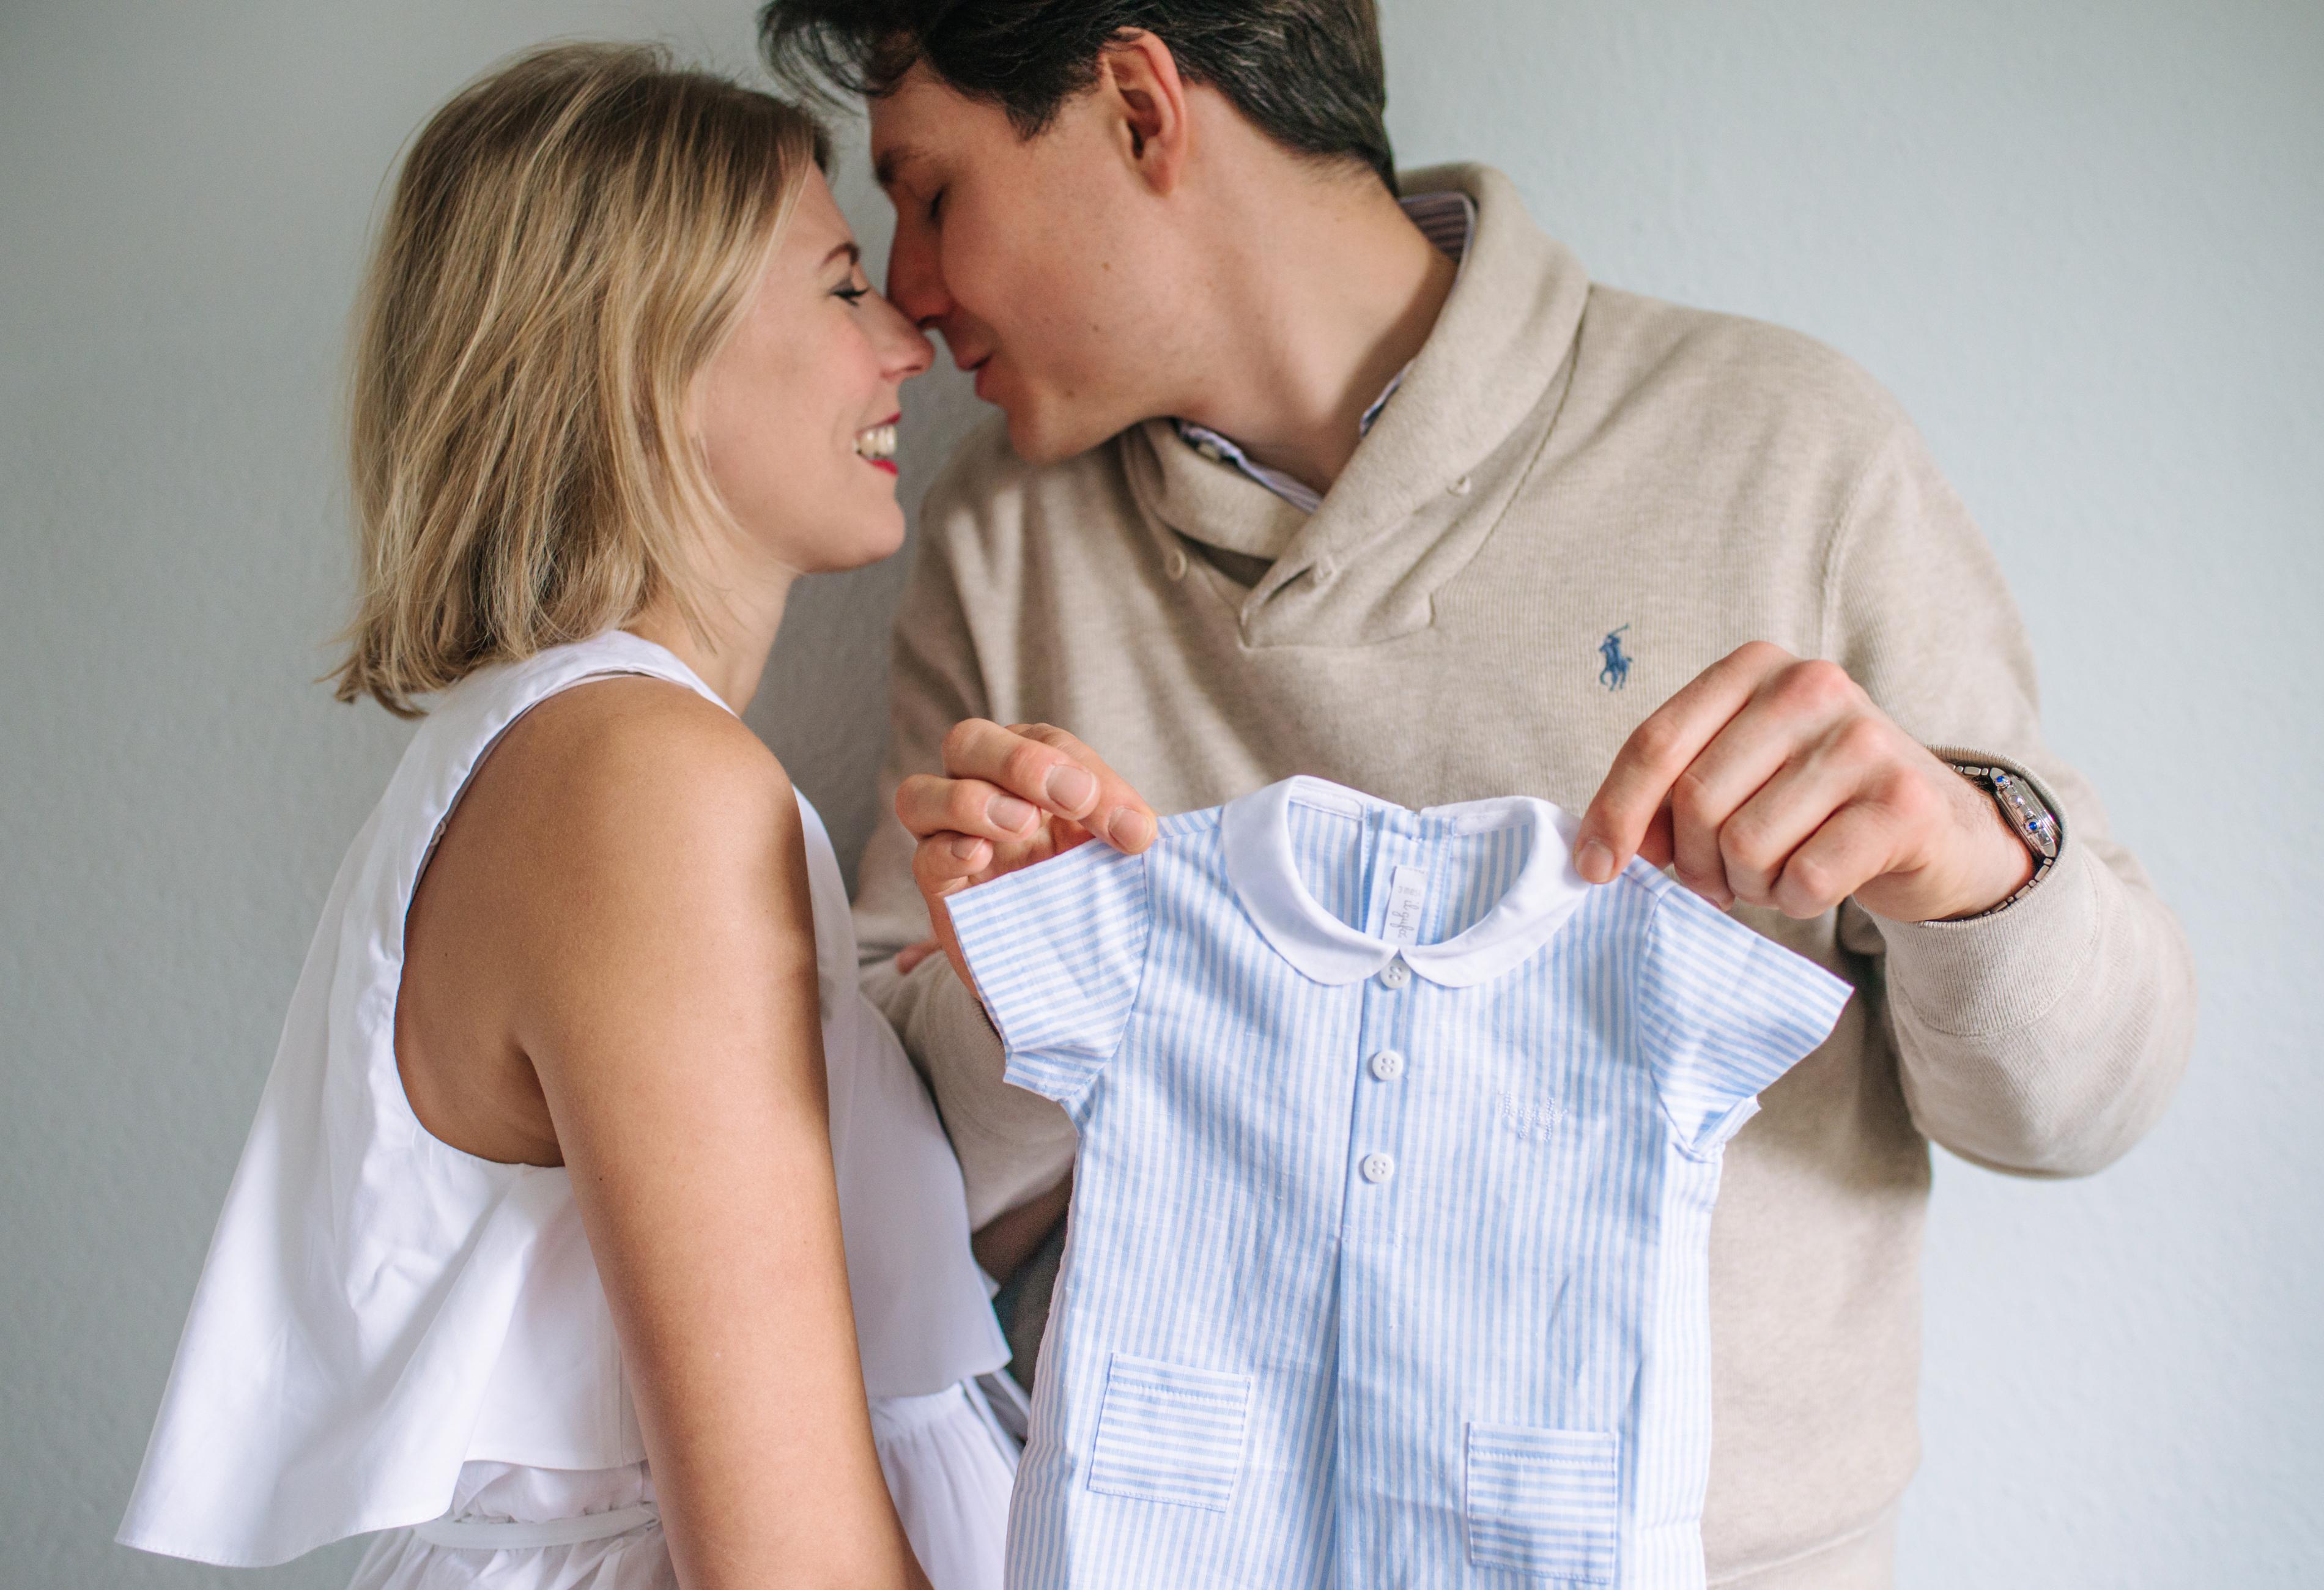 Schwangerschaft, Liebe, Baby, It's a boy